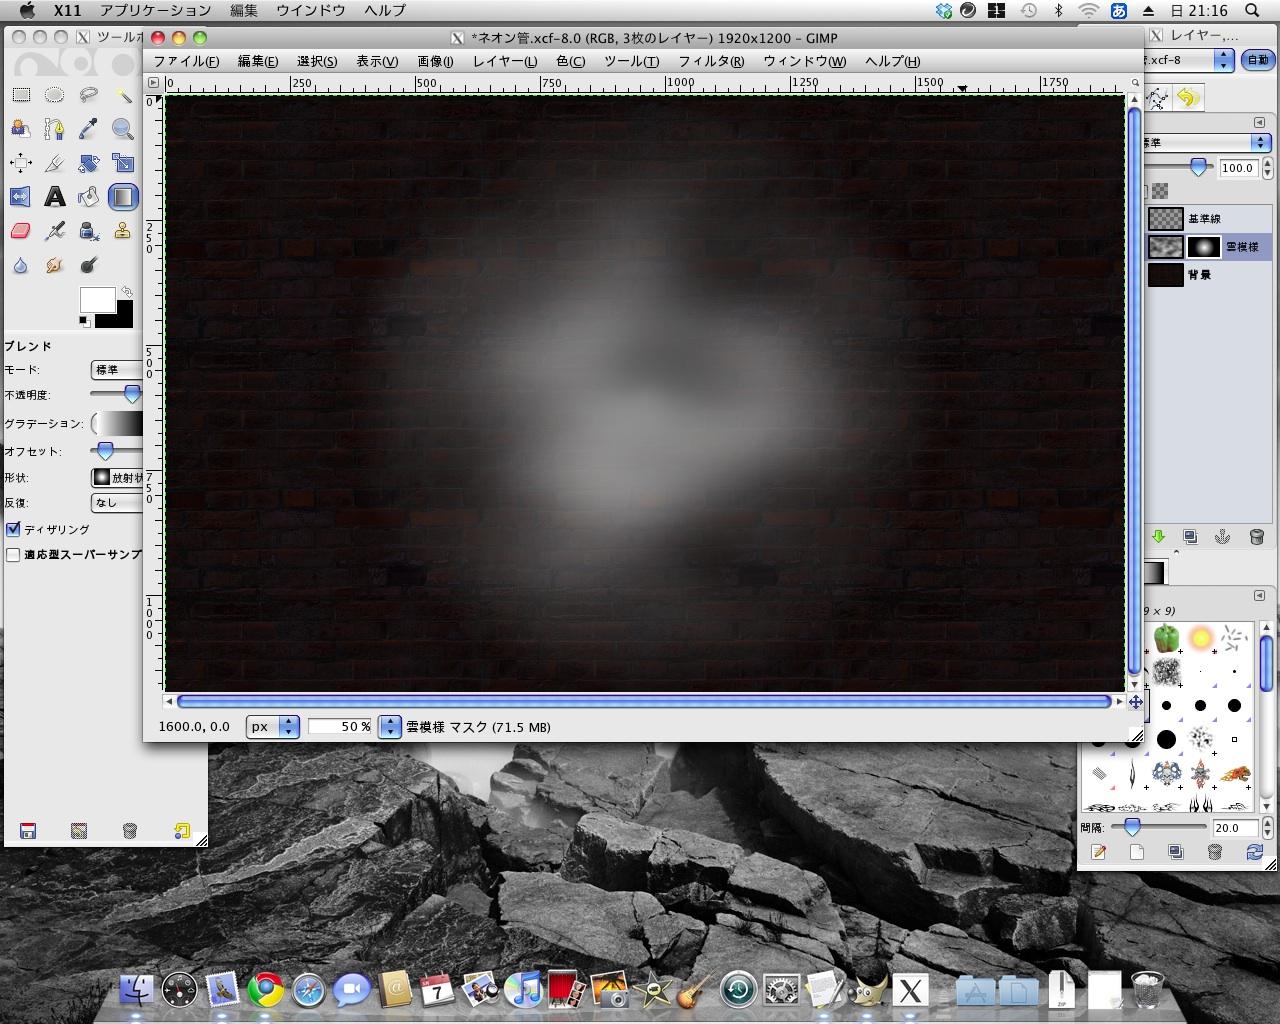 20100307_AKC-neon-logo_02.jpg